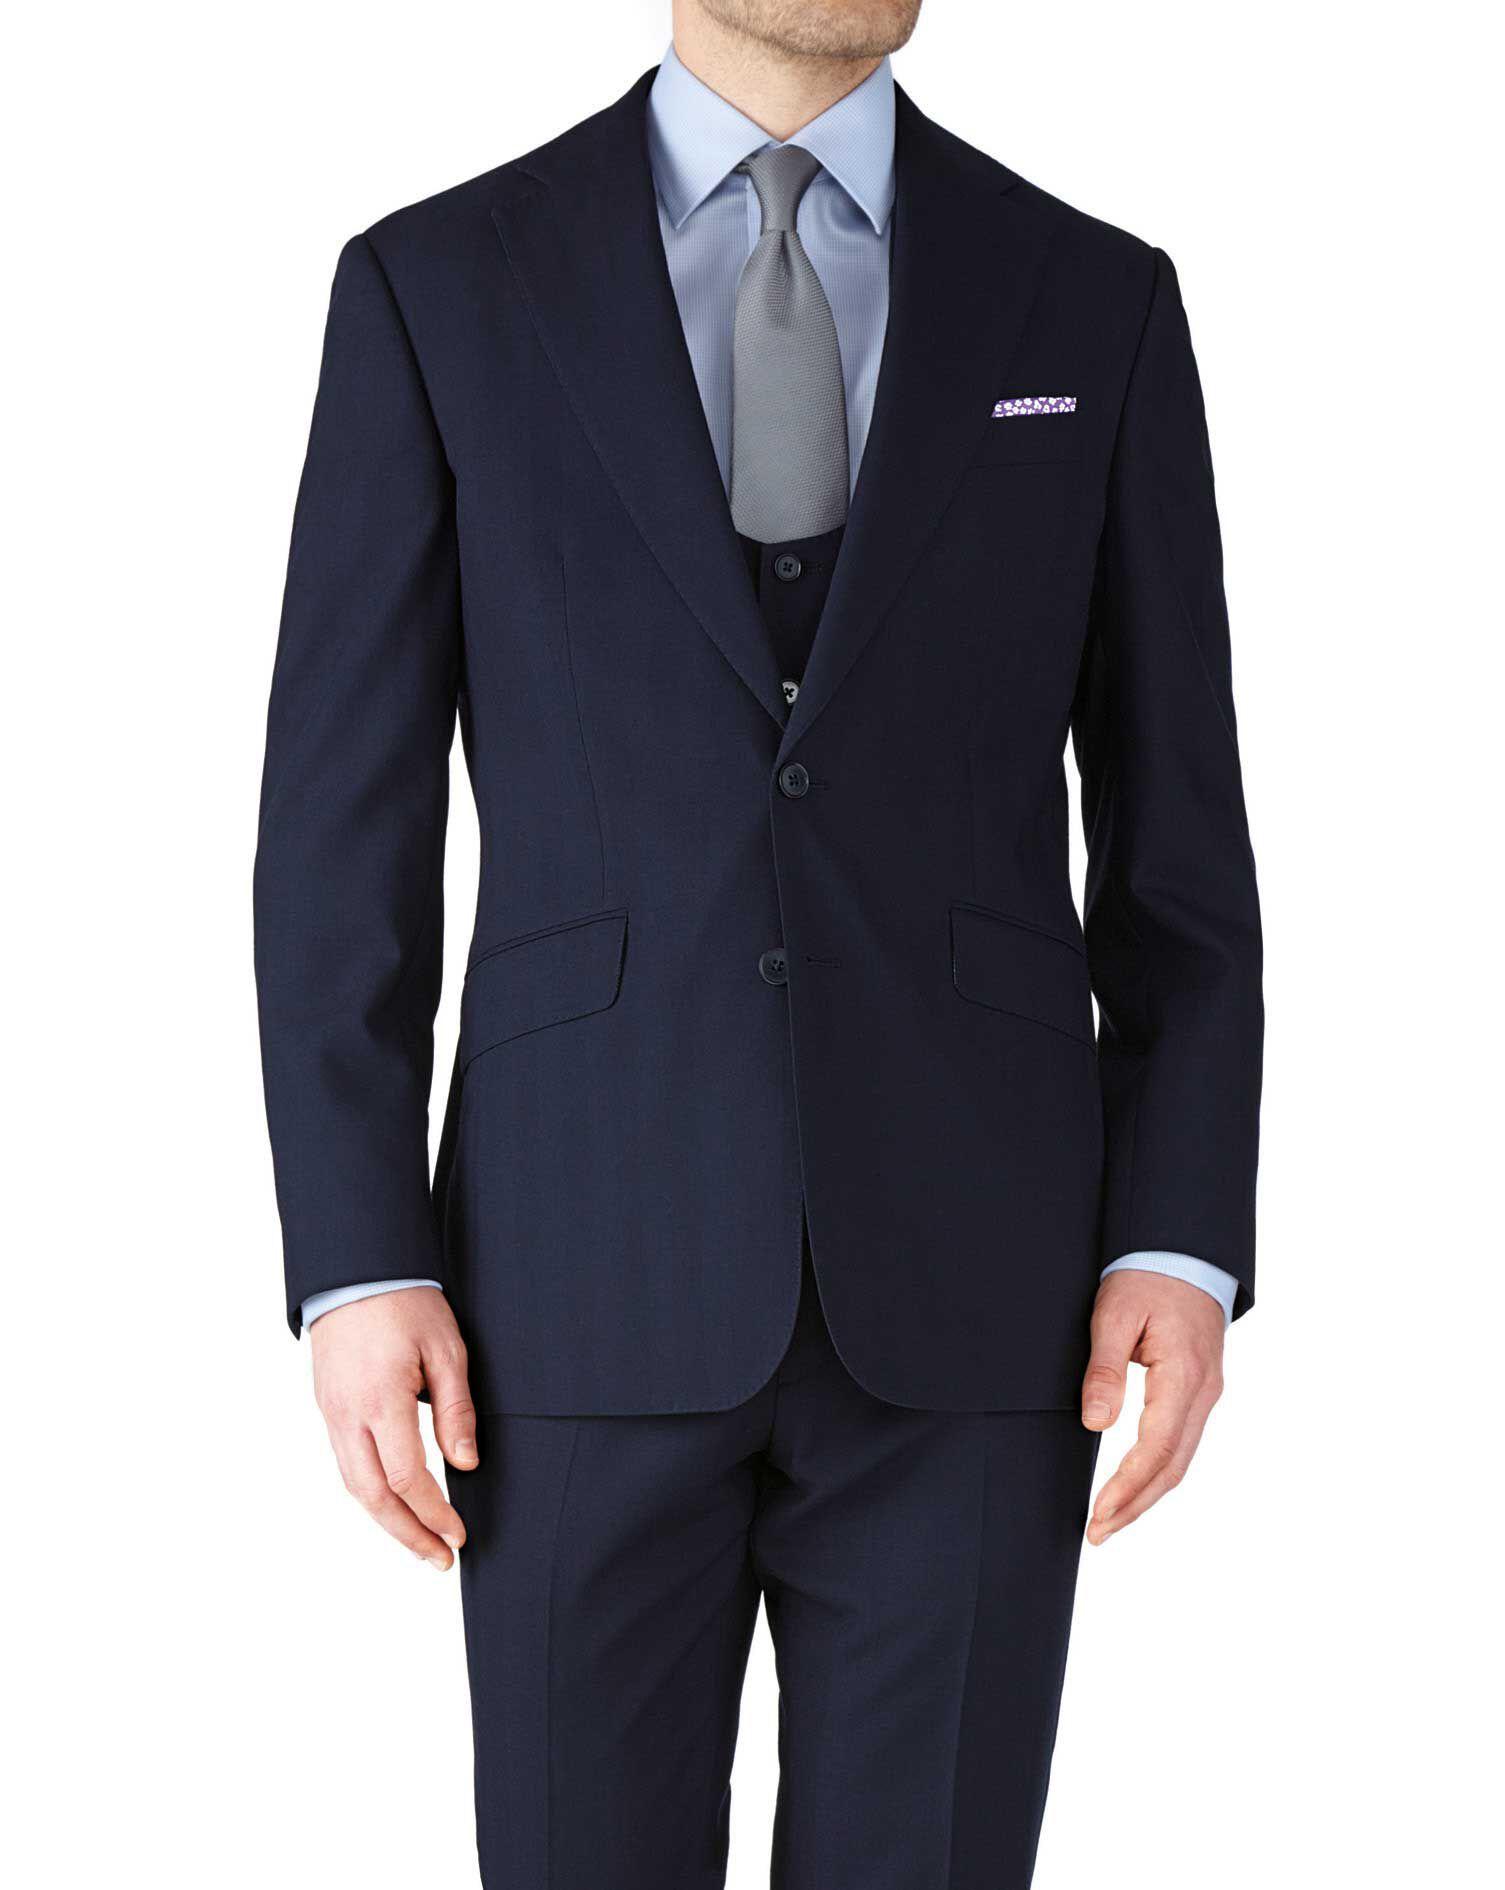 Navy Slim Fit Herringbone Business Suit Wool Jacket Size 42 by Charles Tyrwhitt